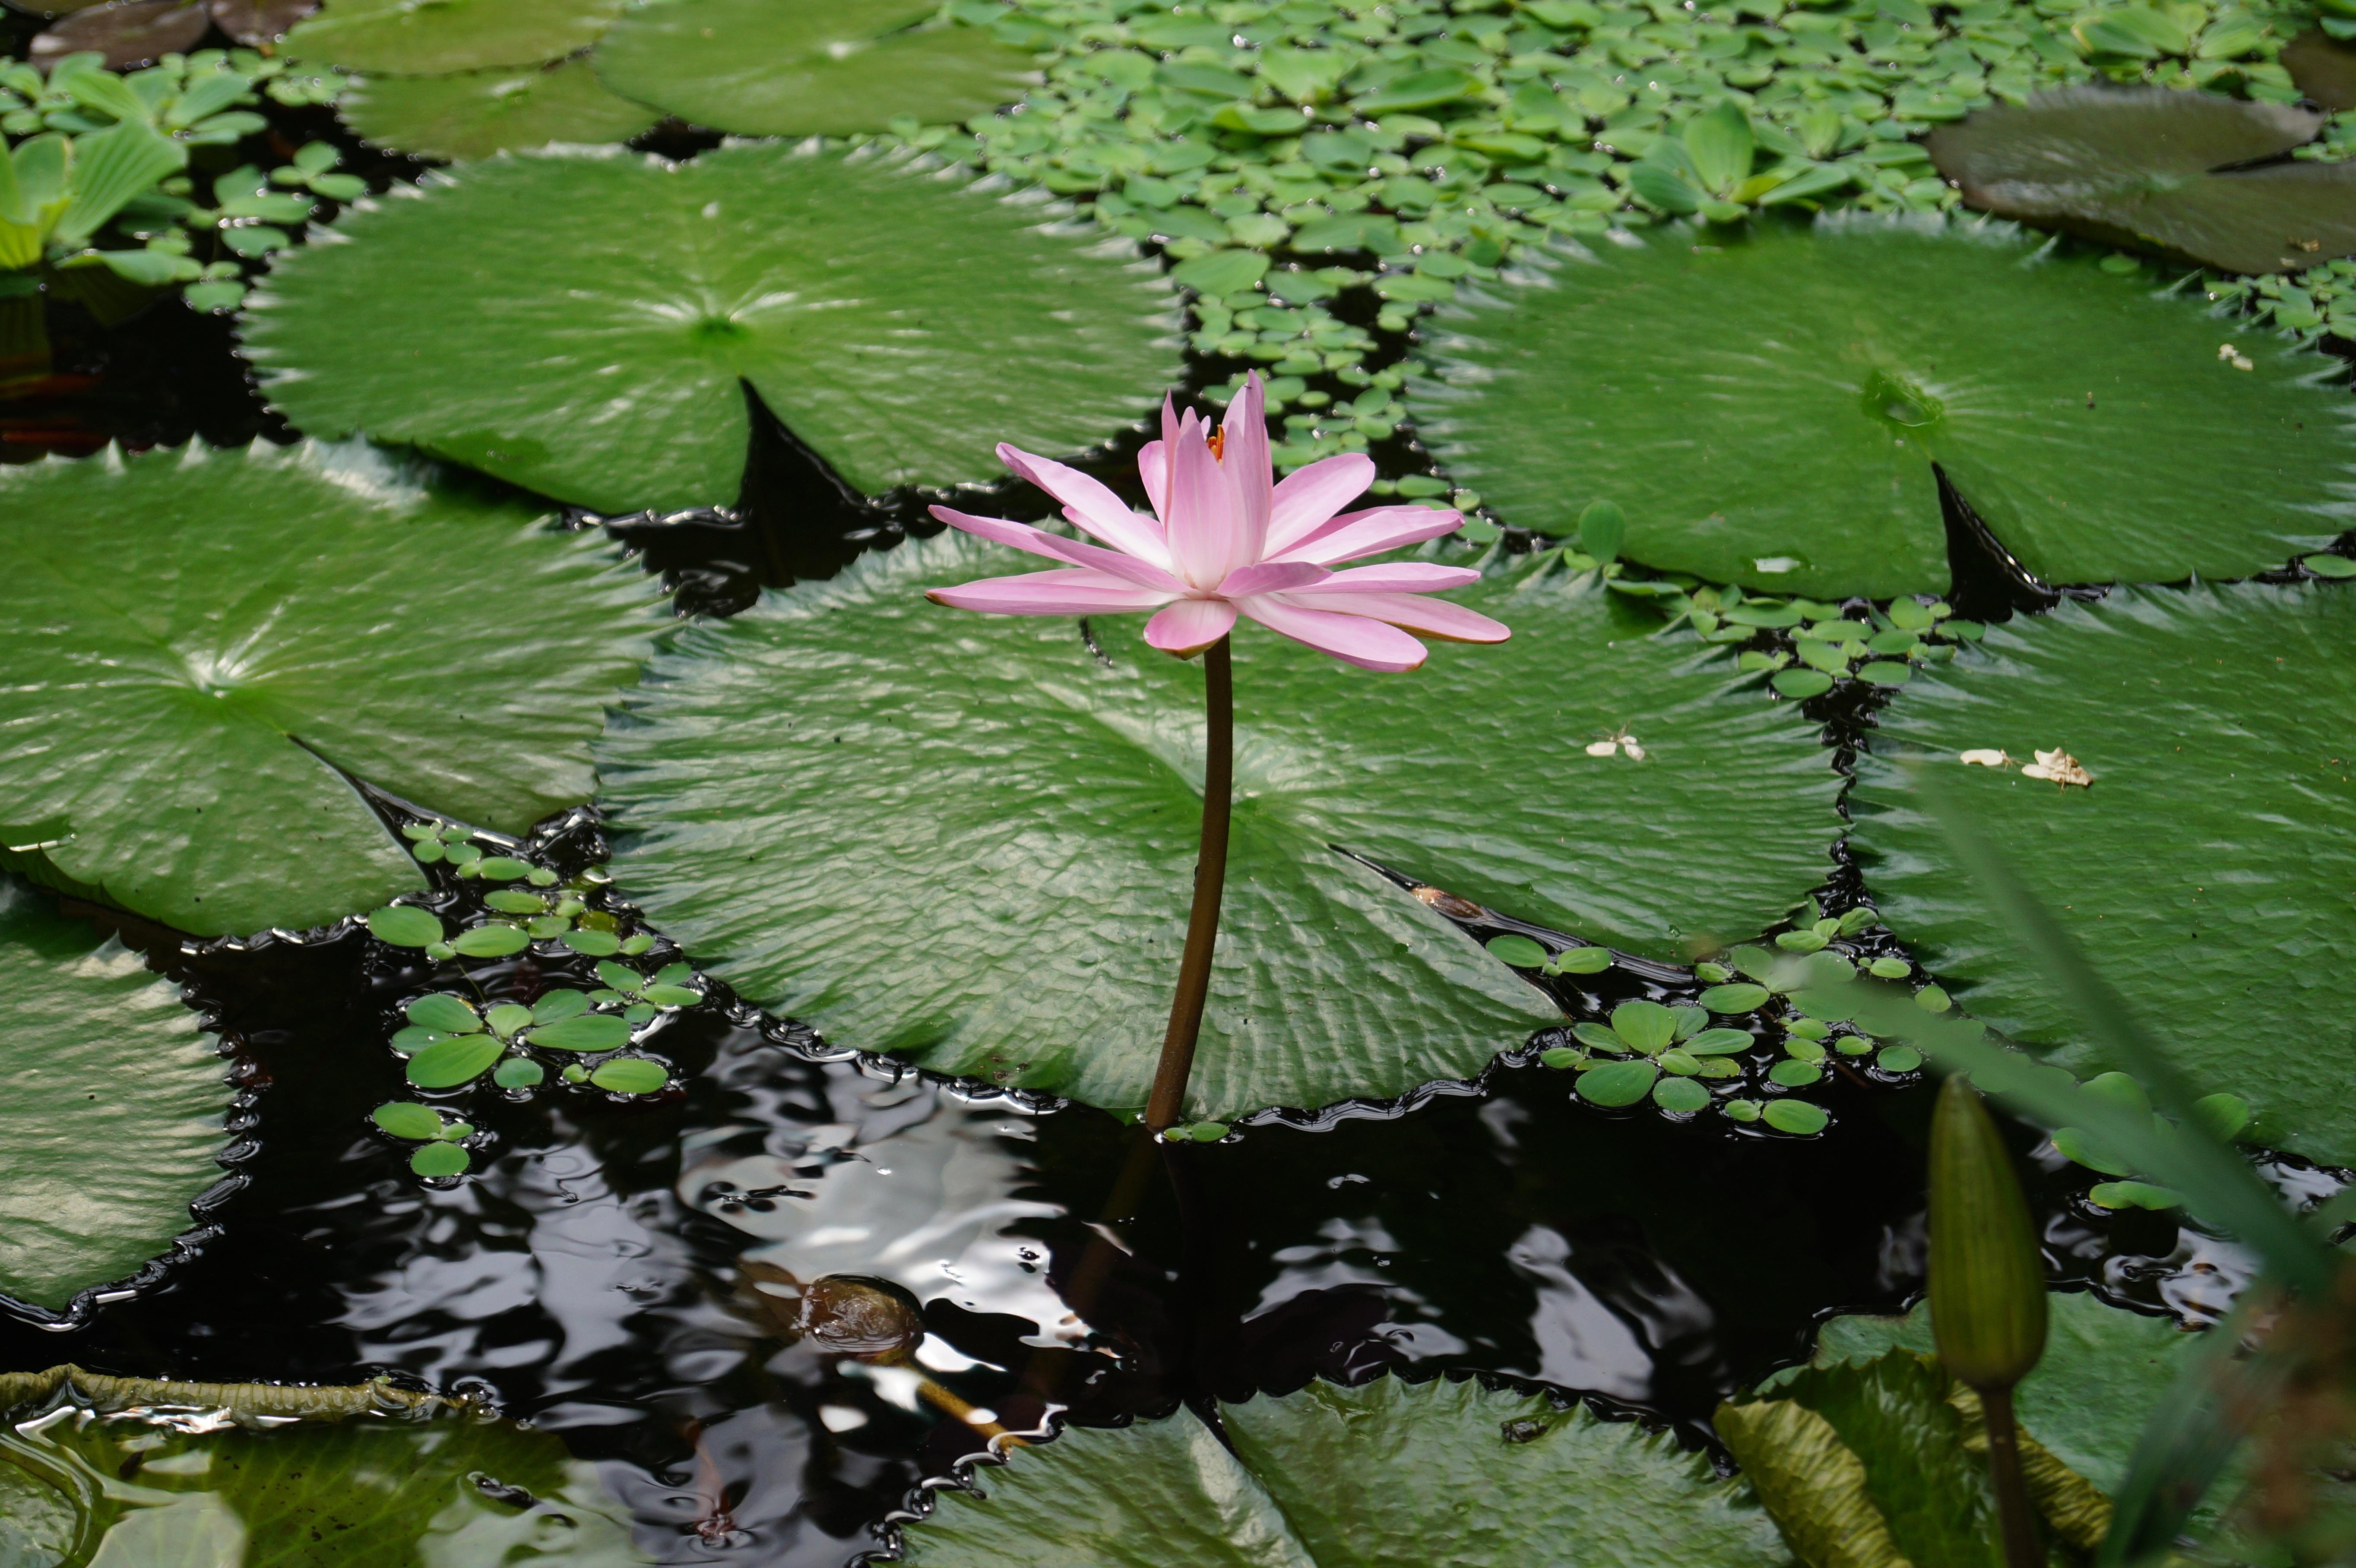 free images tree nature leaf flower pond green botany